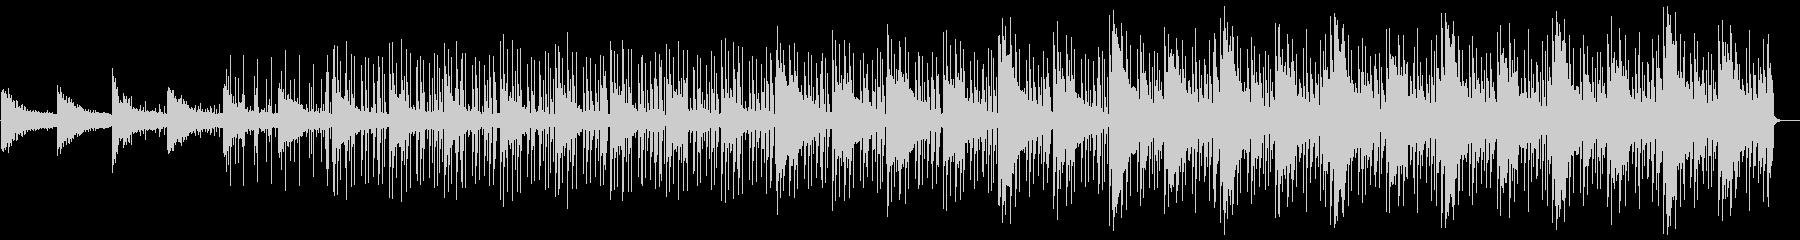 クールで軽やかなエレクトロBGMの未再生の波形